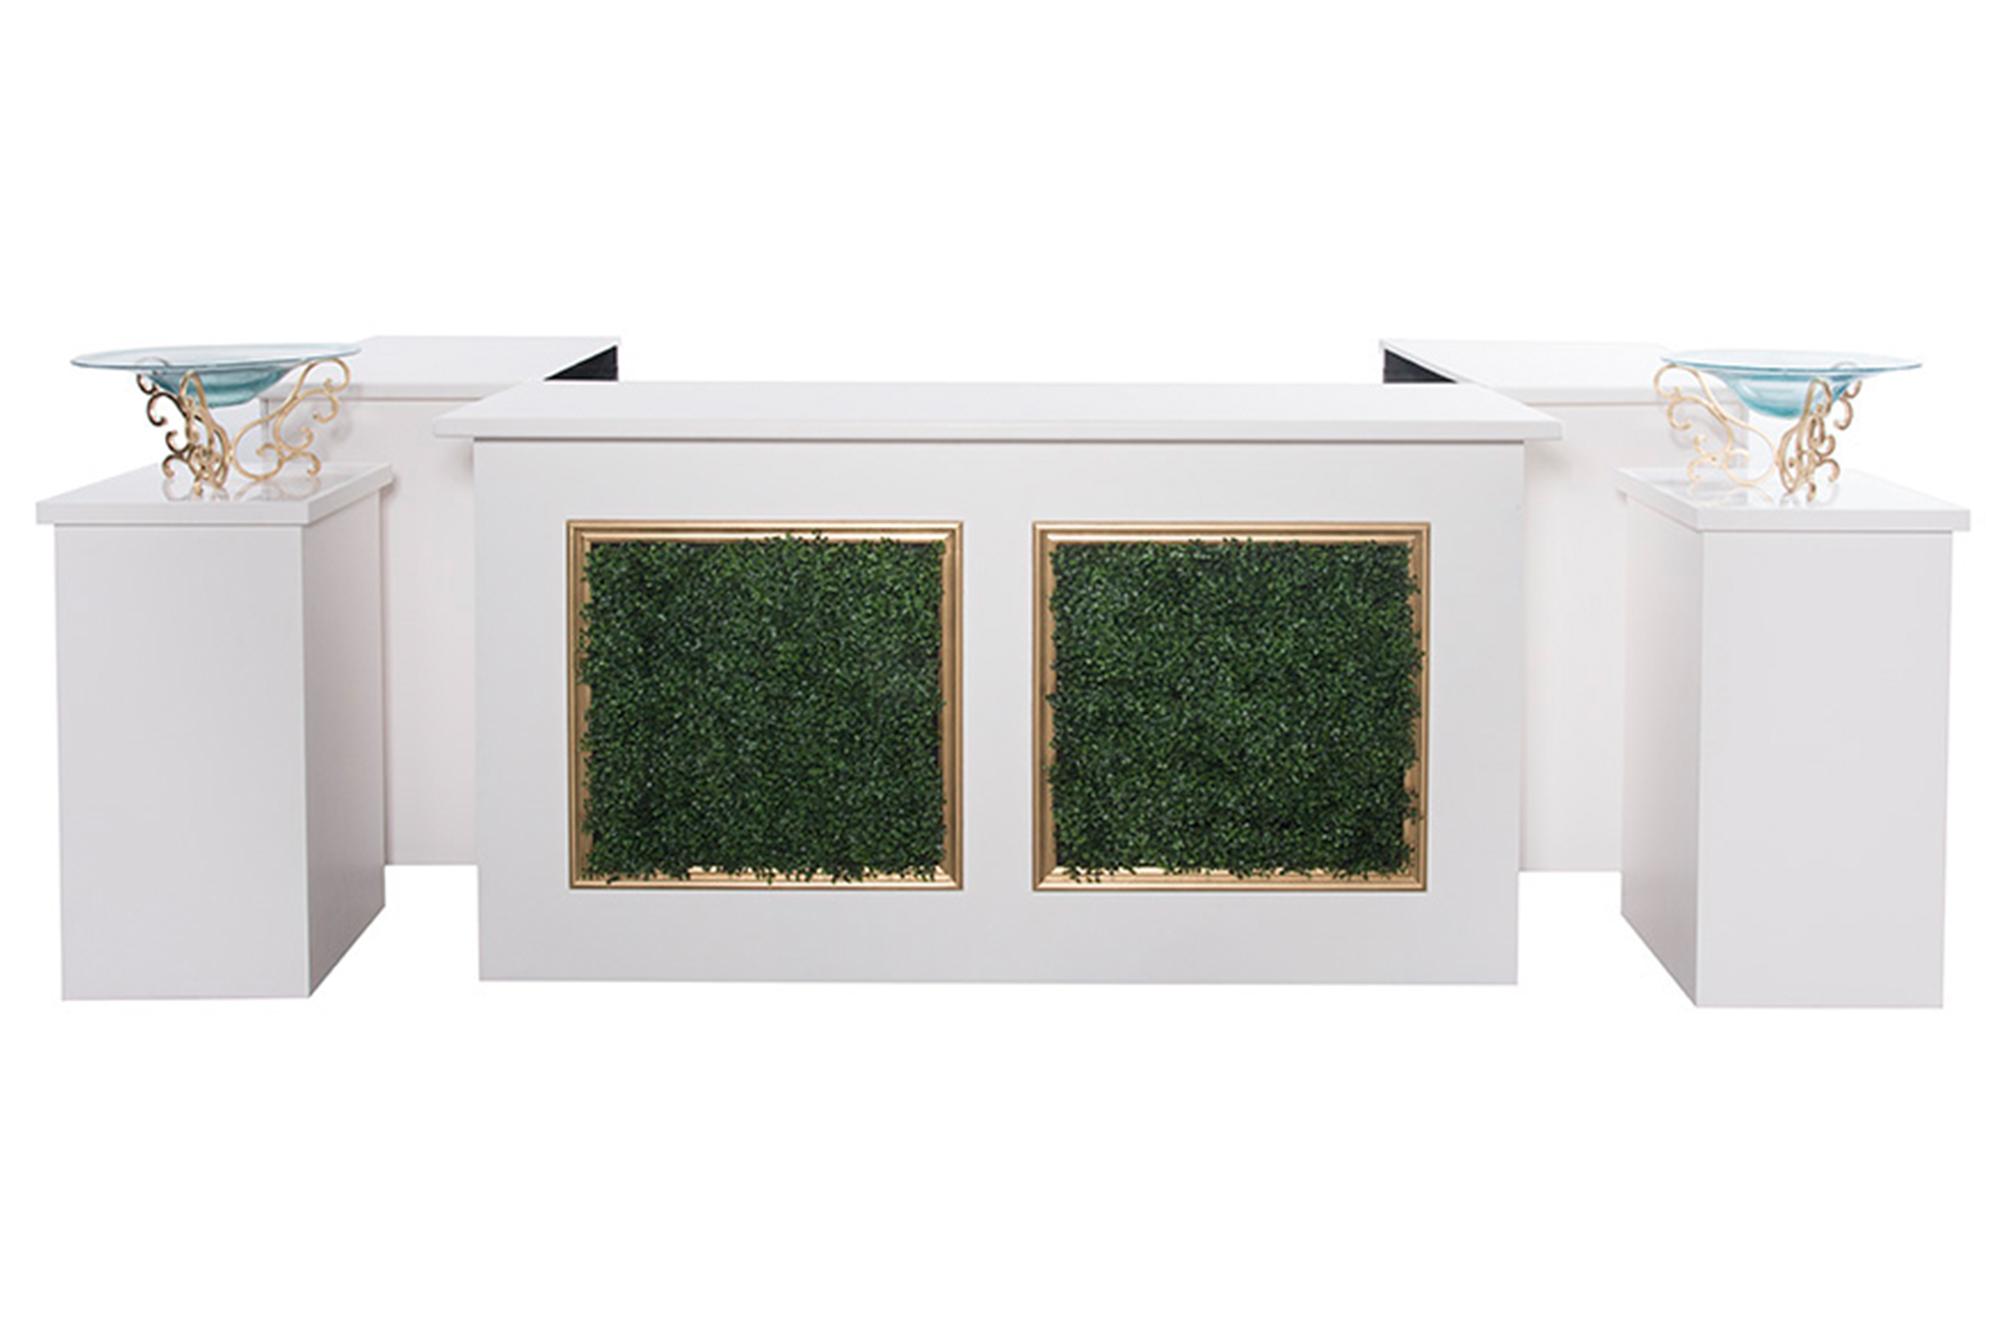 Modular Bar - Greenery